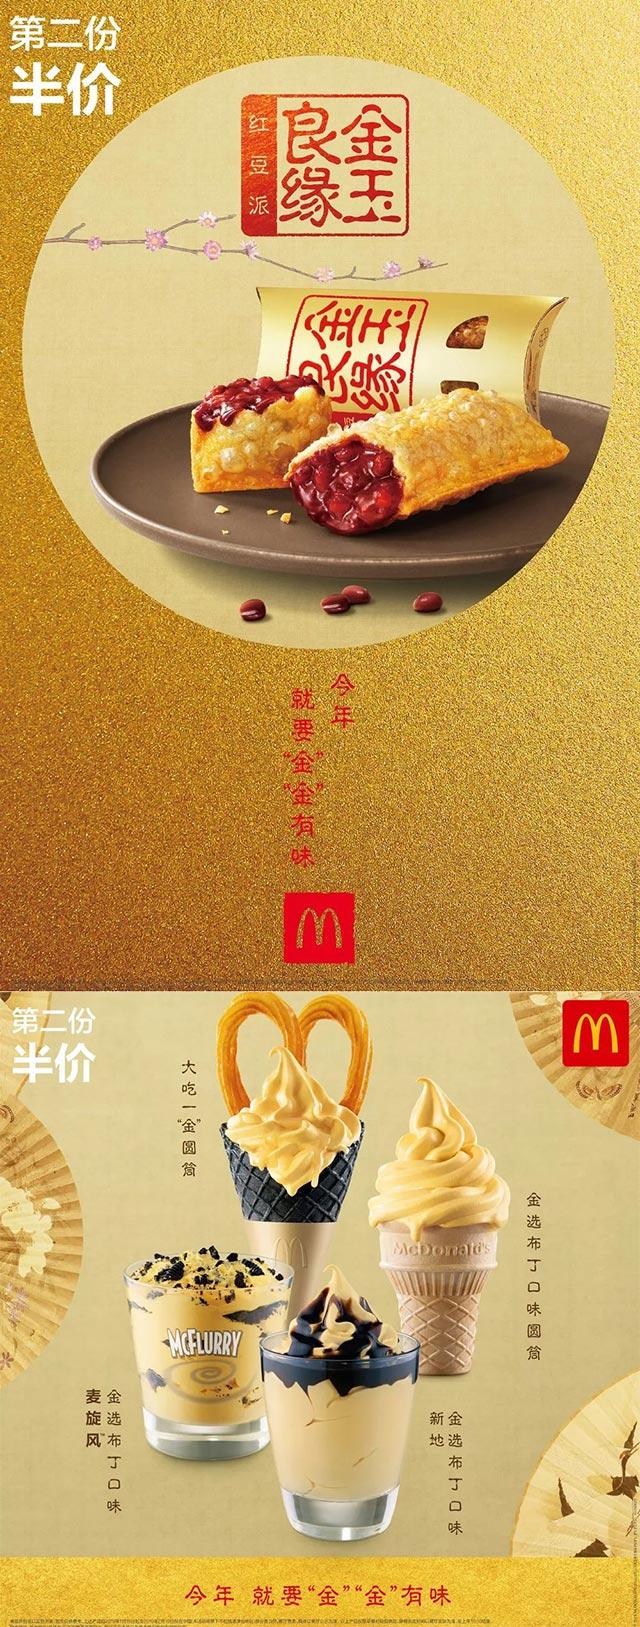 """麦当劳第二份半价系列,红豆派、大吃一""""金""""圆筒、布丁口味圆筒/新地/麦旋风"""